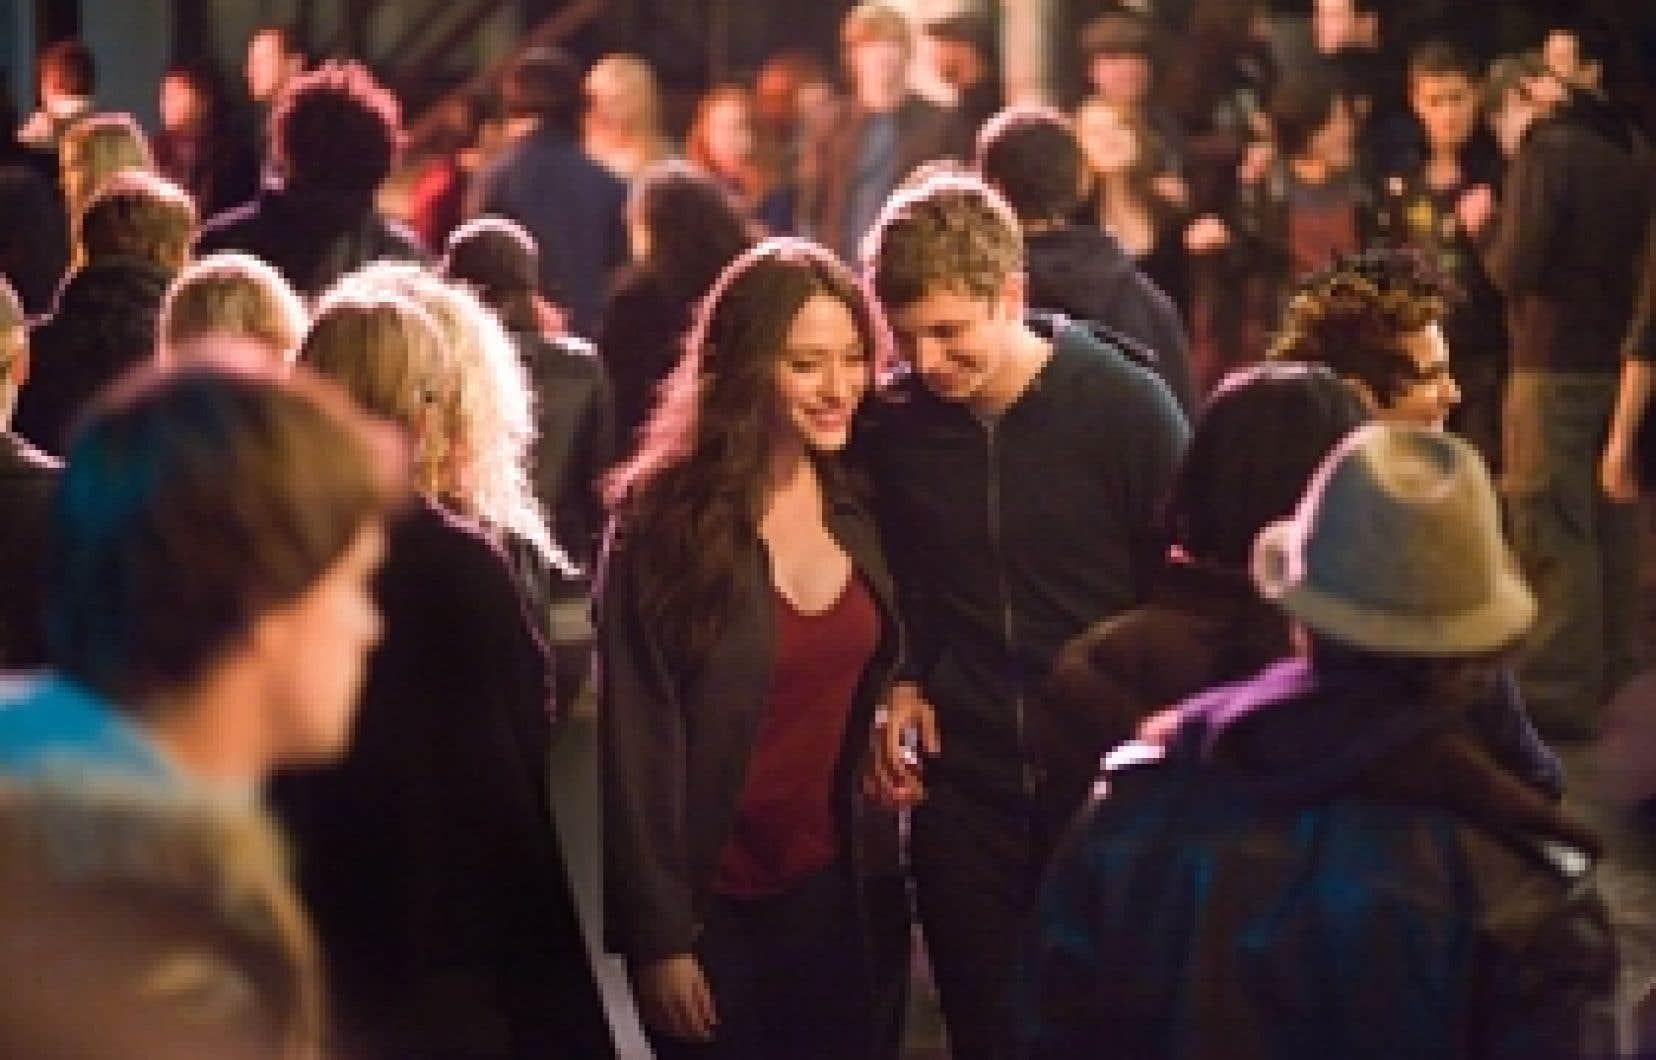 Kat Dennings et Michael Cera dans Nick and Norah's Infinite Playlist